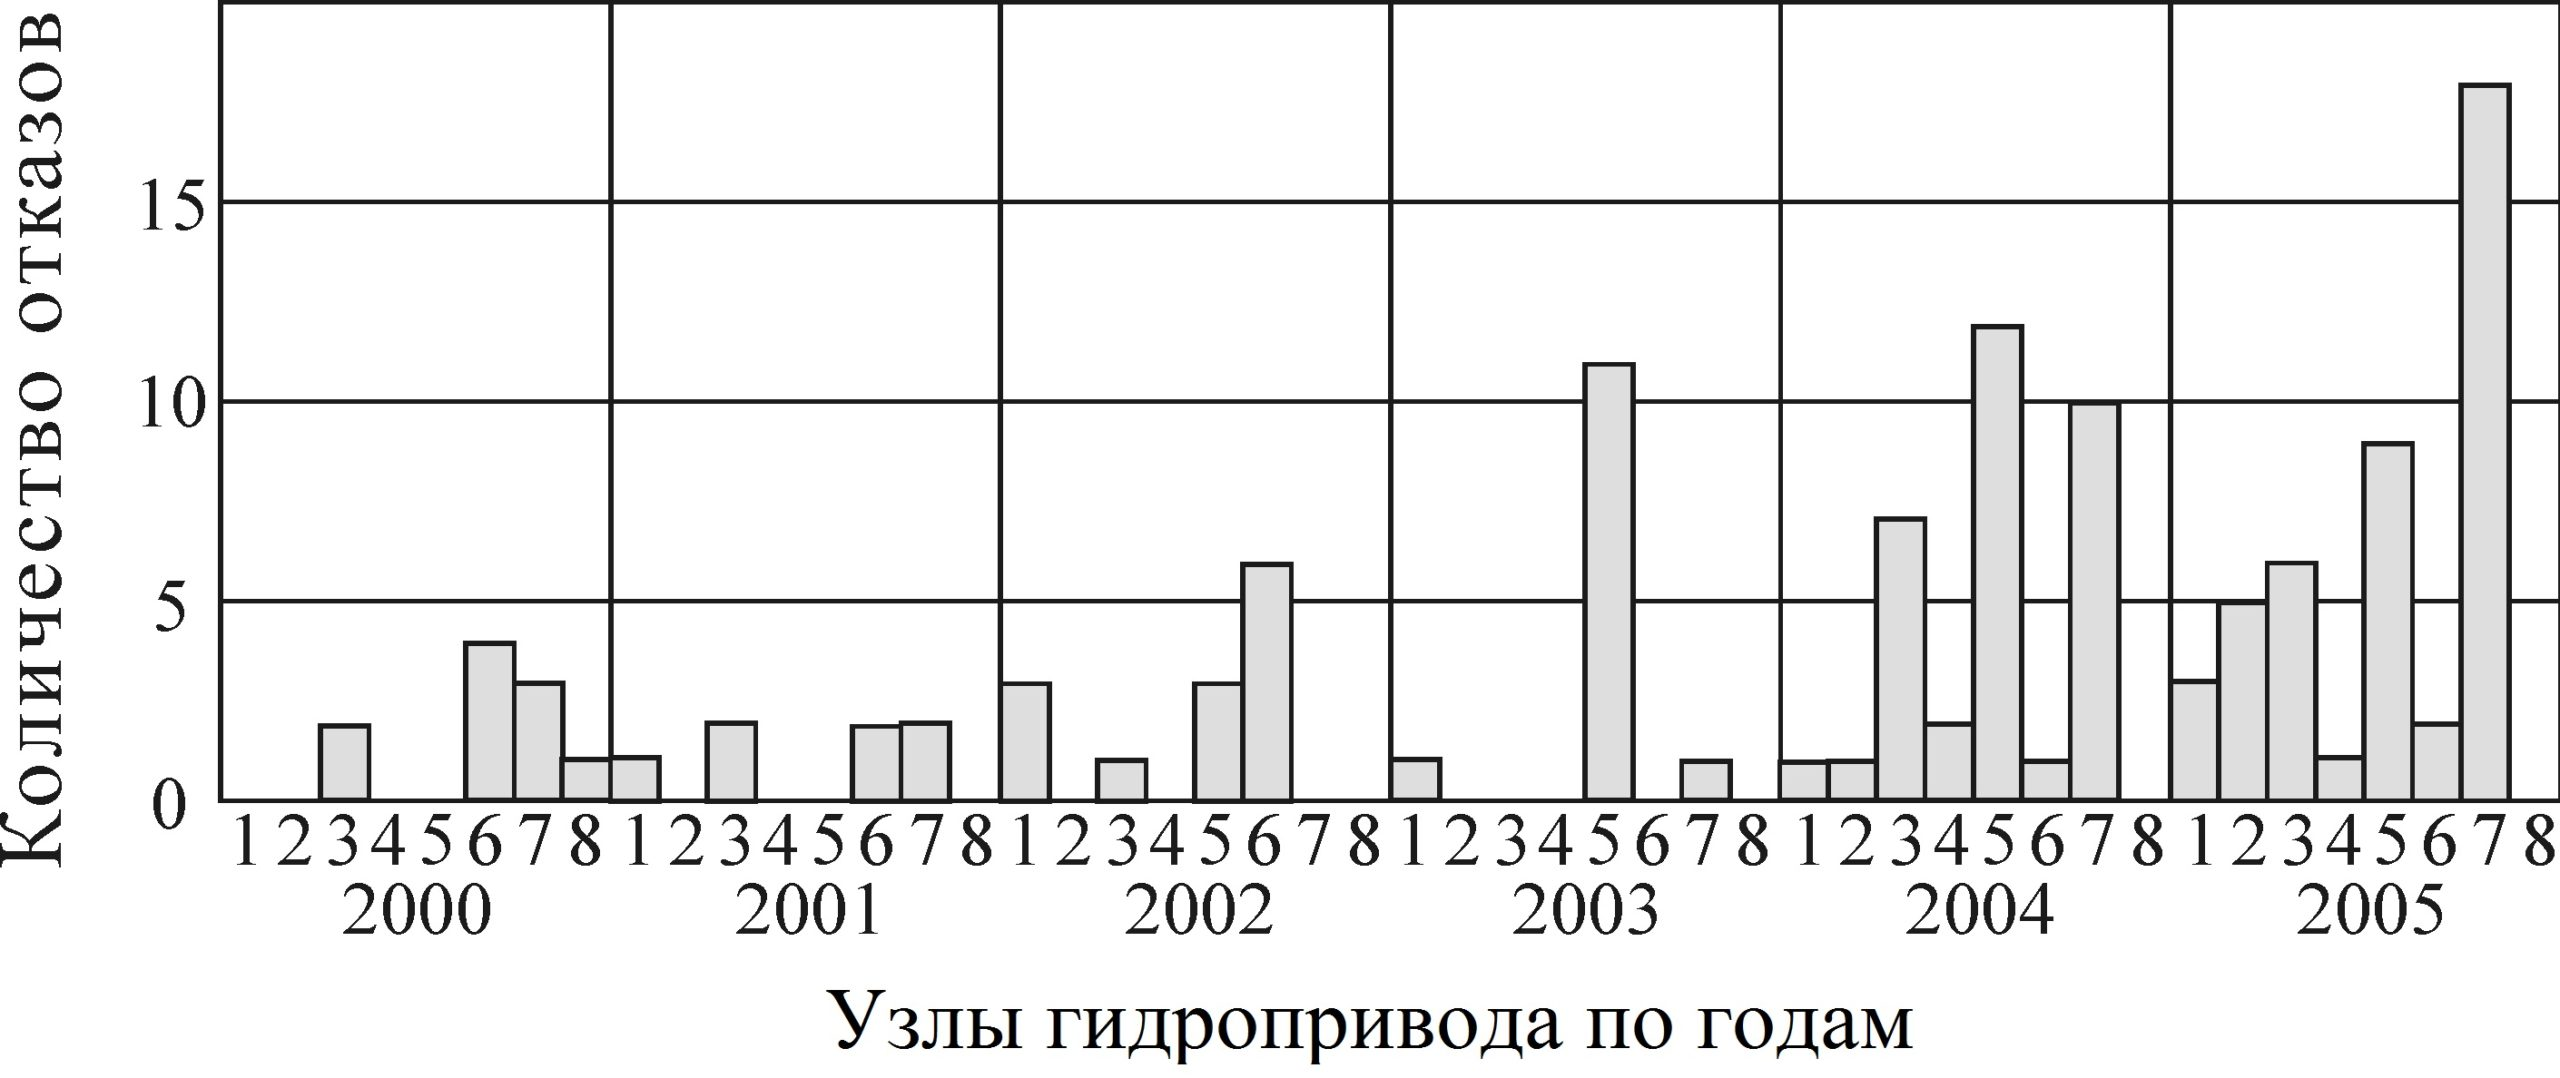 Рисунок 12 – Временная гистограмма распределения общего количества отказов по узлам гидропривода перемещения холодильника